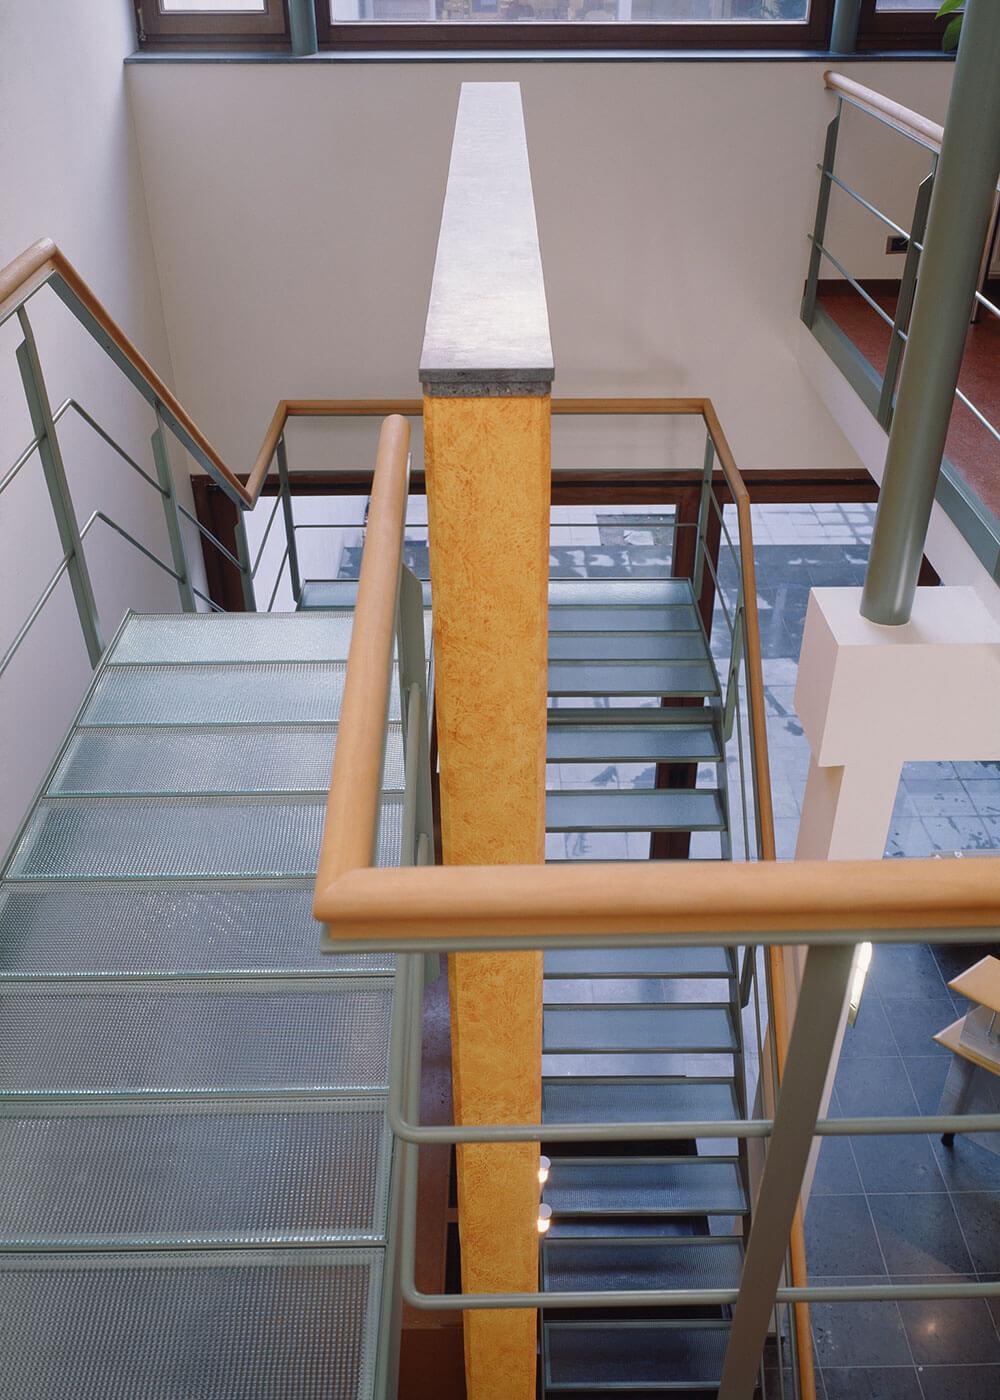 Kantoor_AAA_BAT_Antwerpen_Interieur_BAT_trap_boven.jpg